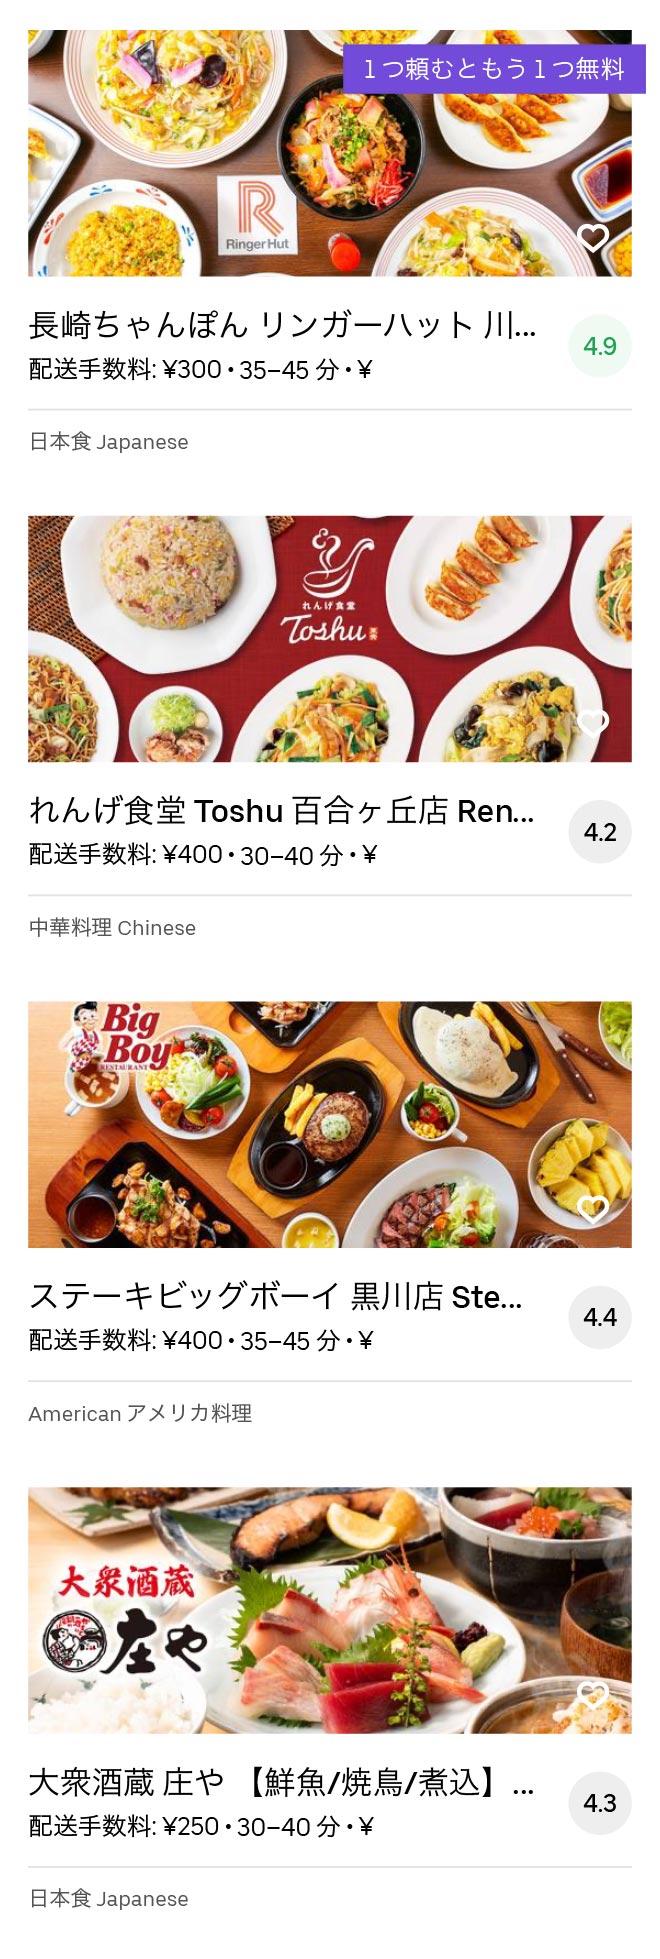 Inagi menu 2007 10